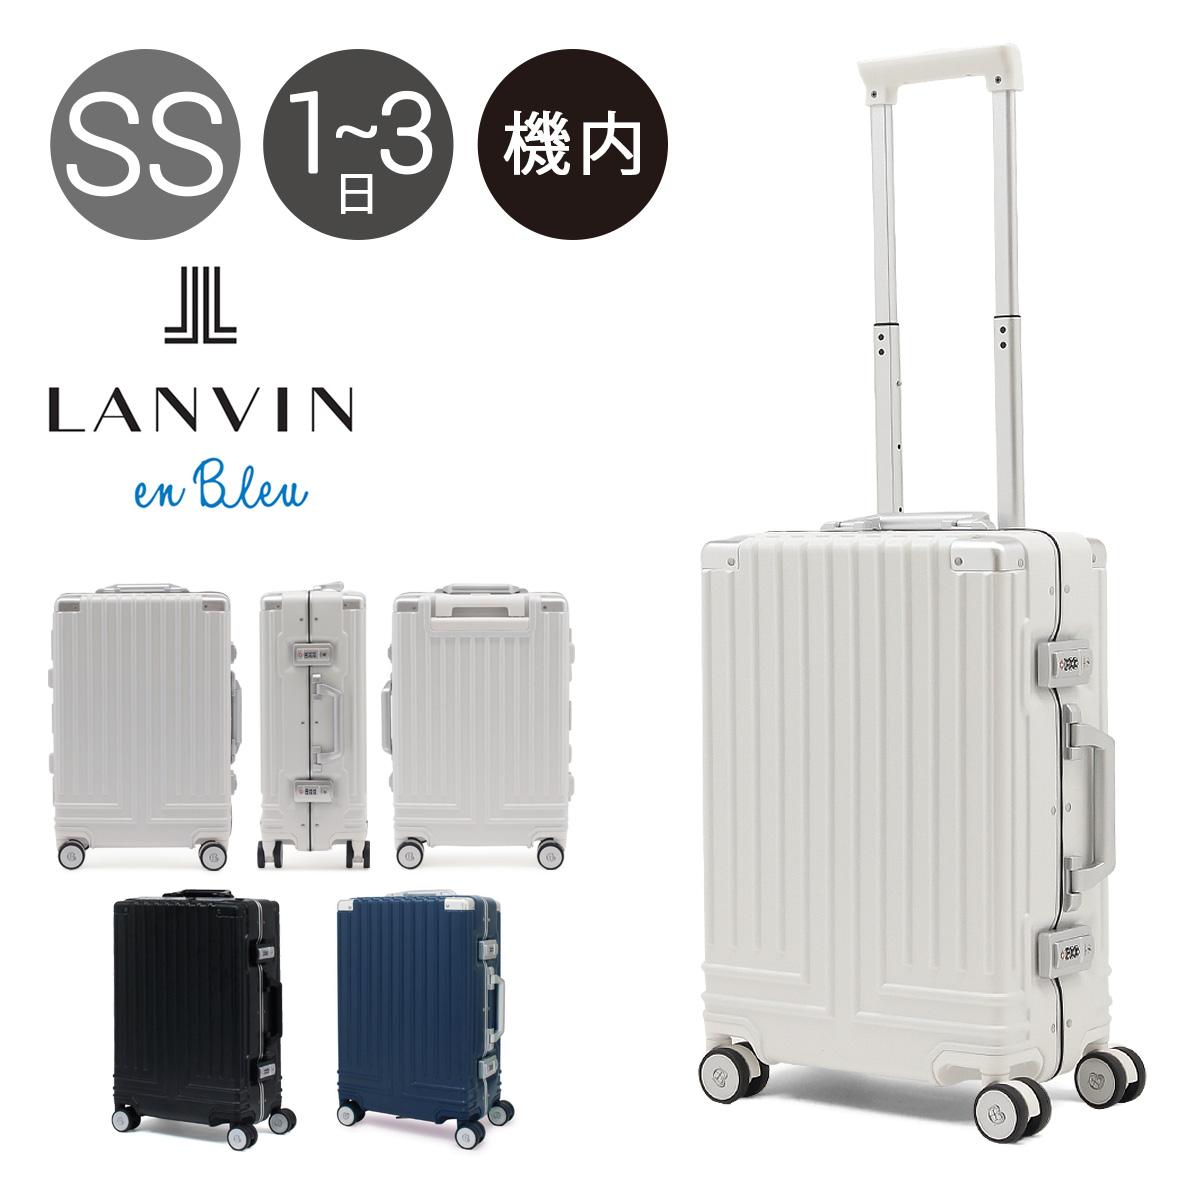 ランバンオンブルー スーツケース 27L 49cm 3.5kg ハード フレーム 機内持ち込み ヴィラージュ 595311 キャリーケース 軽量 TSAロック搭載 4輪 LANVIN en Bleu 【bef】【即日発送】